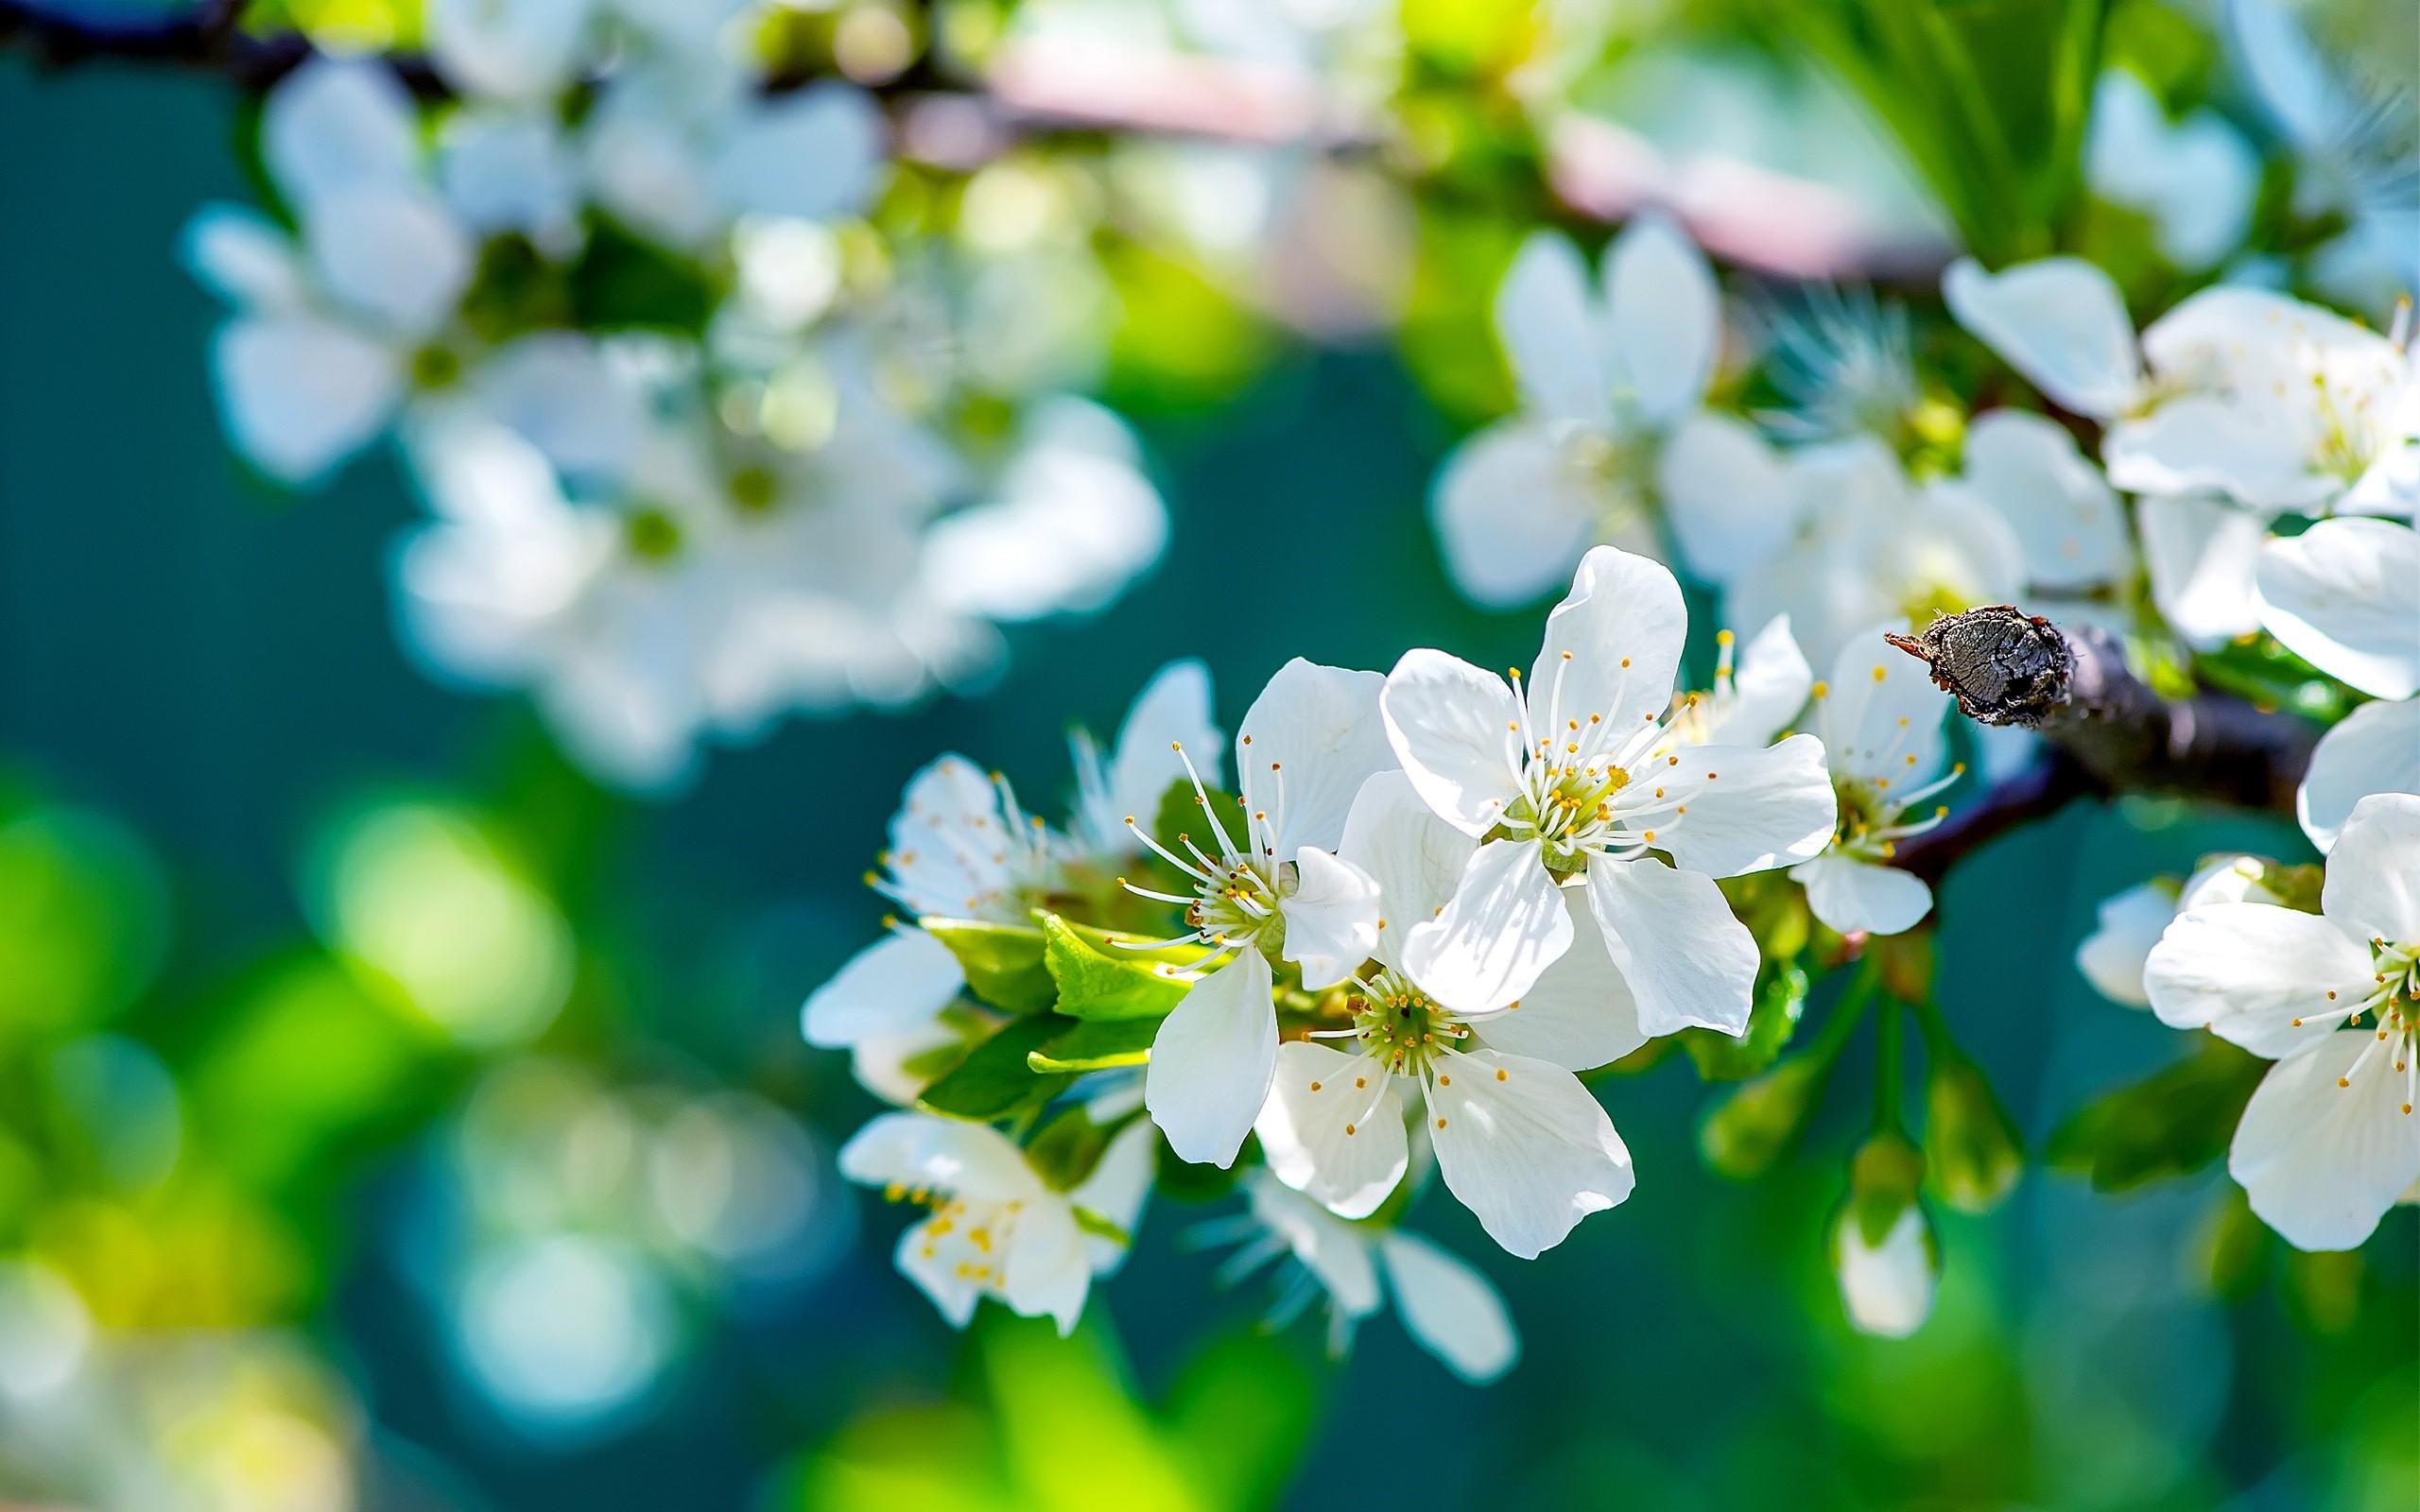 Wallpaper Flowers of an apple tree